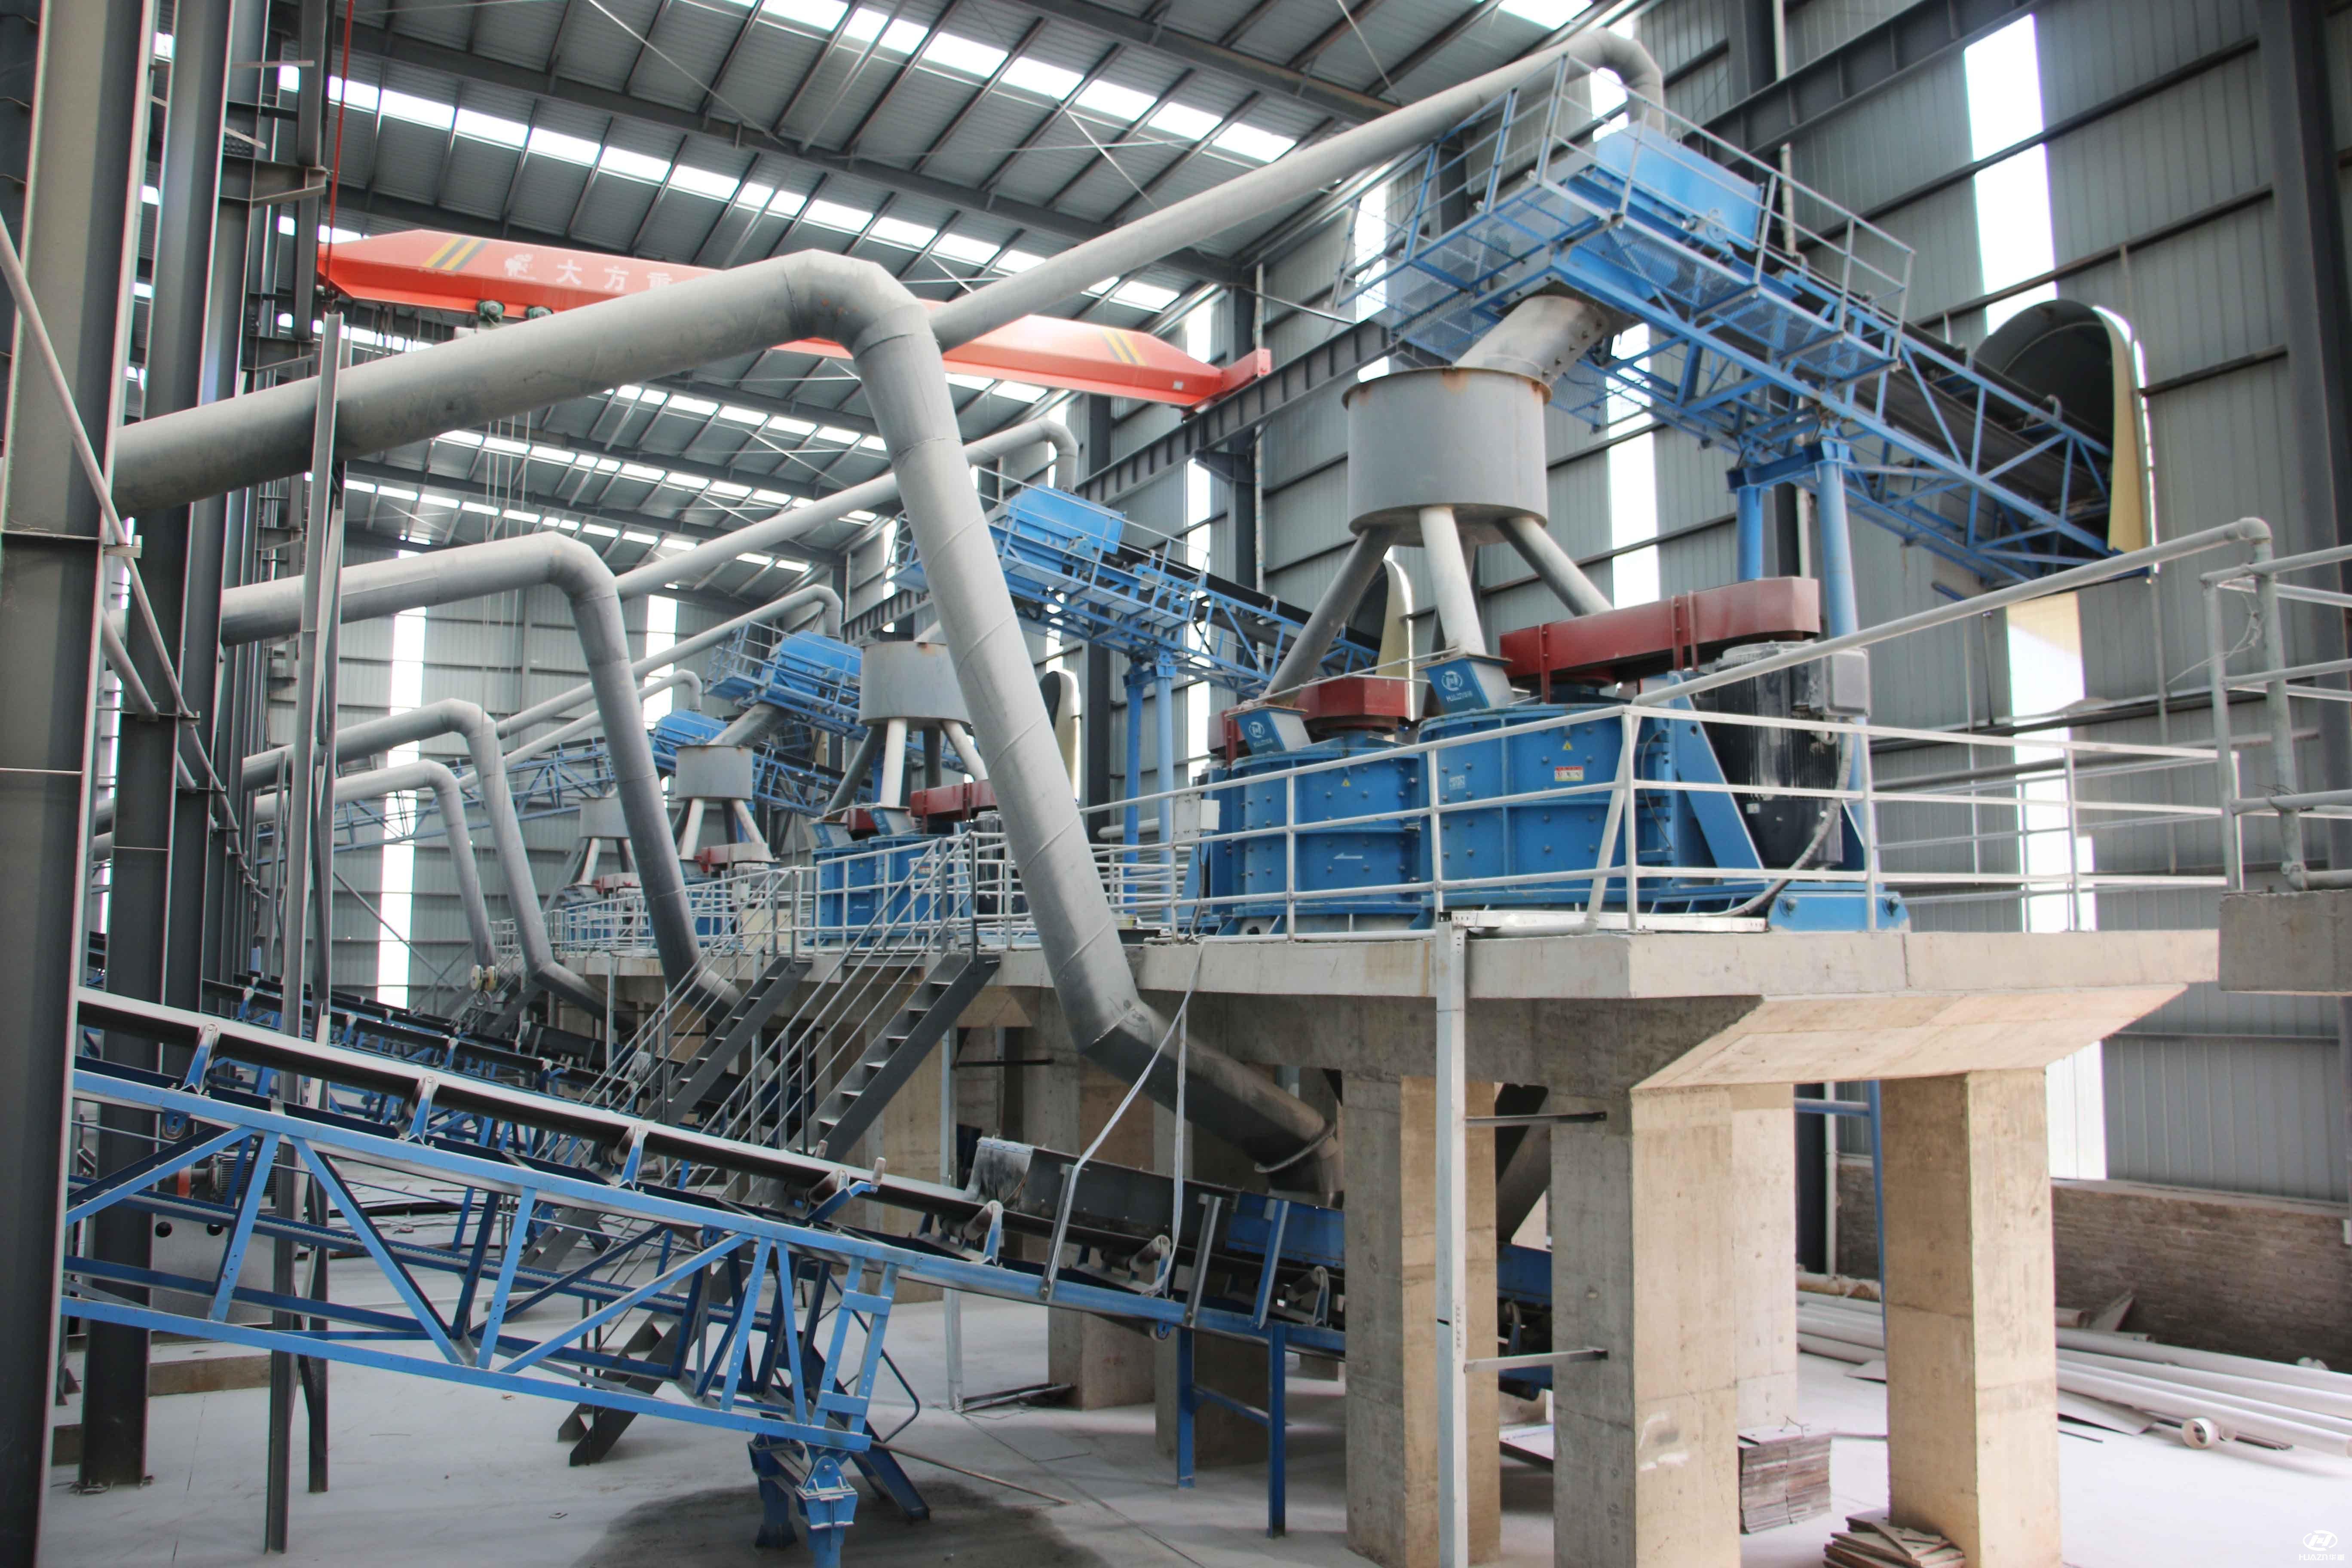 四川蒙自日产2000吨的石灰岩生产线进入投产中